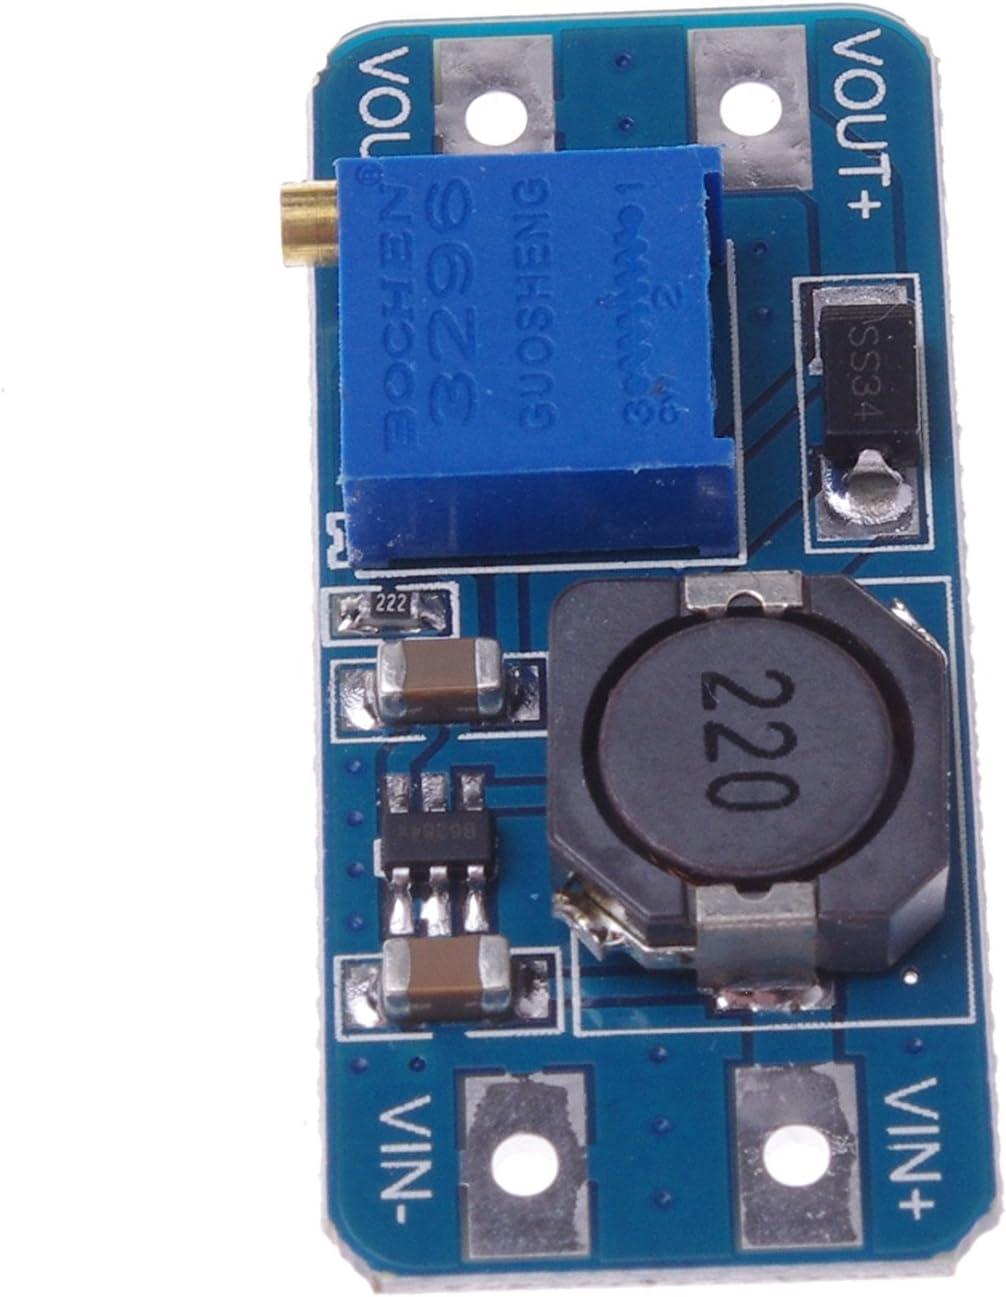 4 St/ück DC-DC 2A Step Up Einstellbare Boost Converter Modul Stromversorgung f/ür Arduino